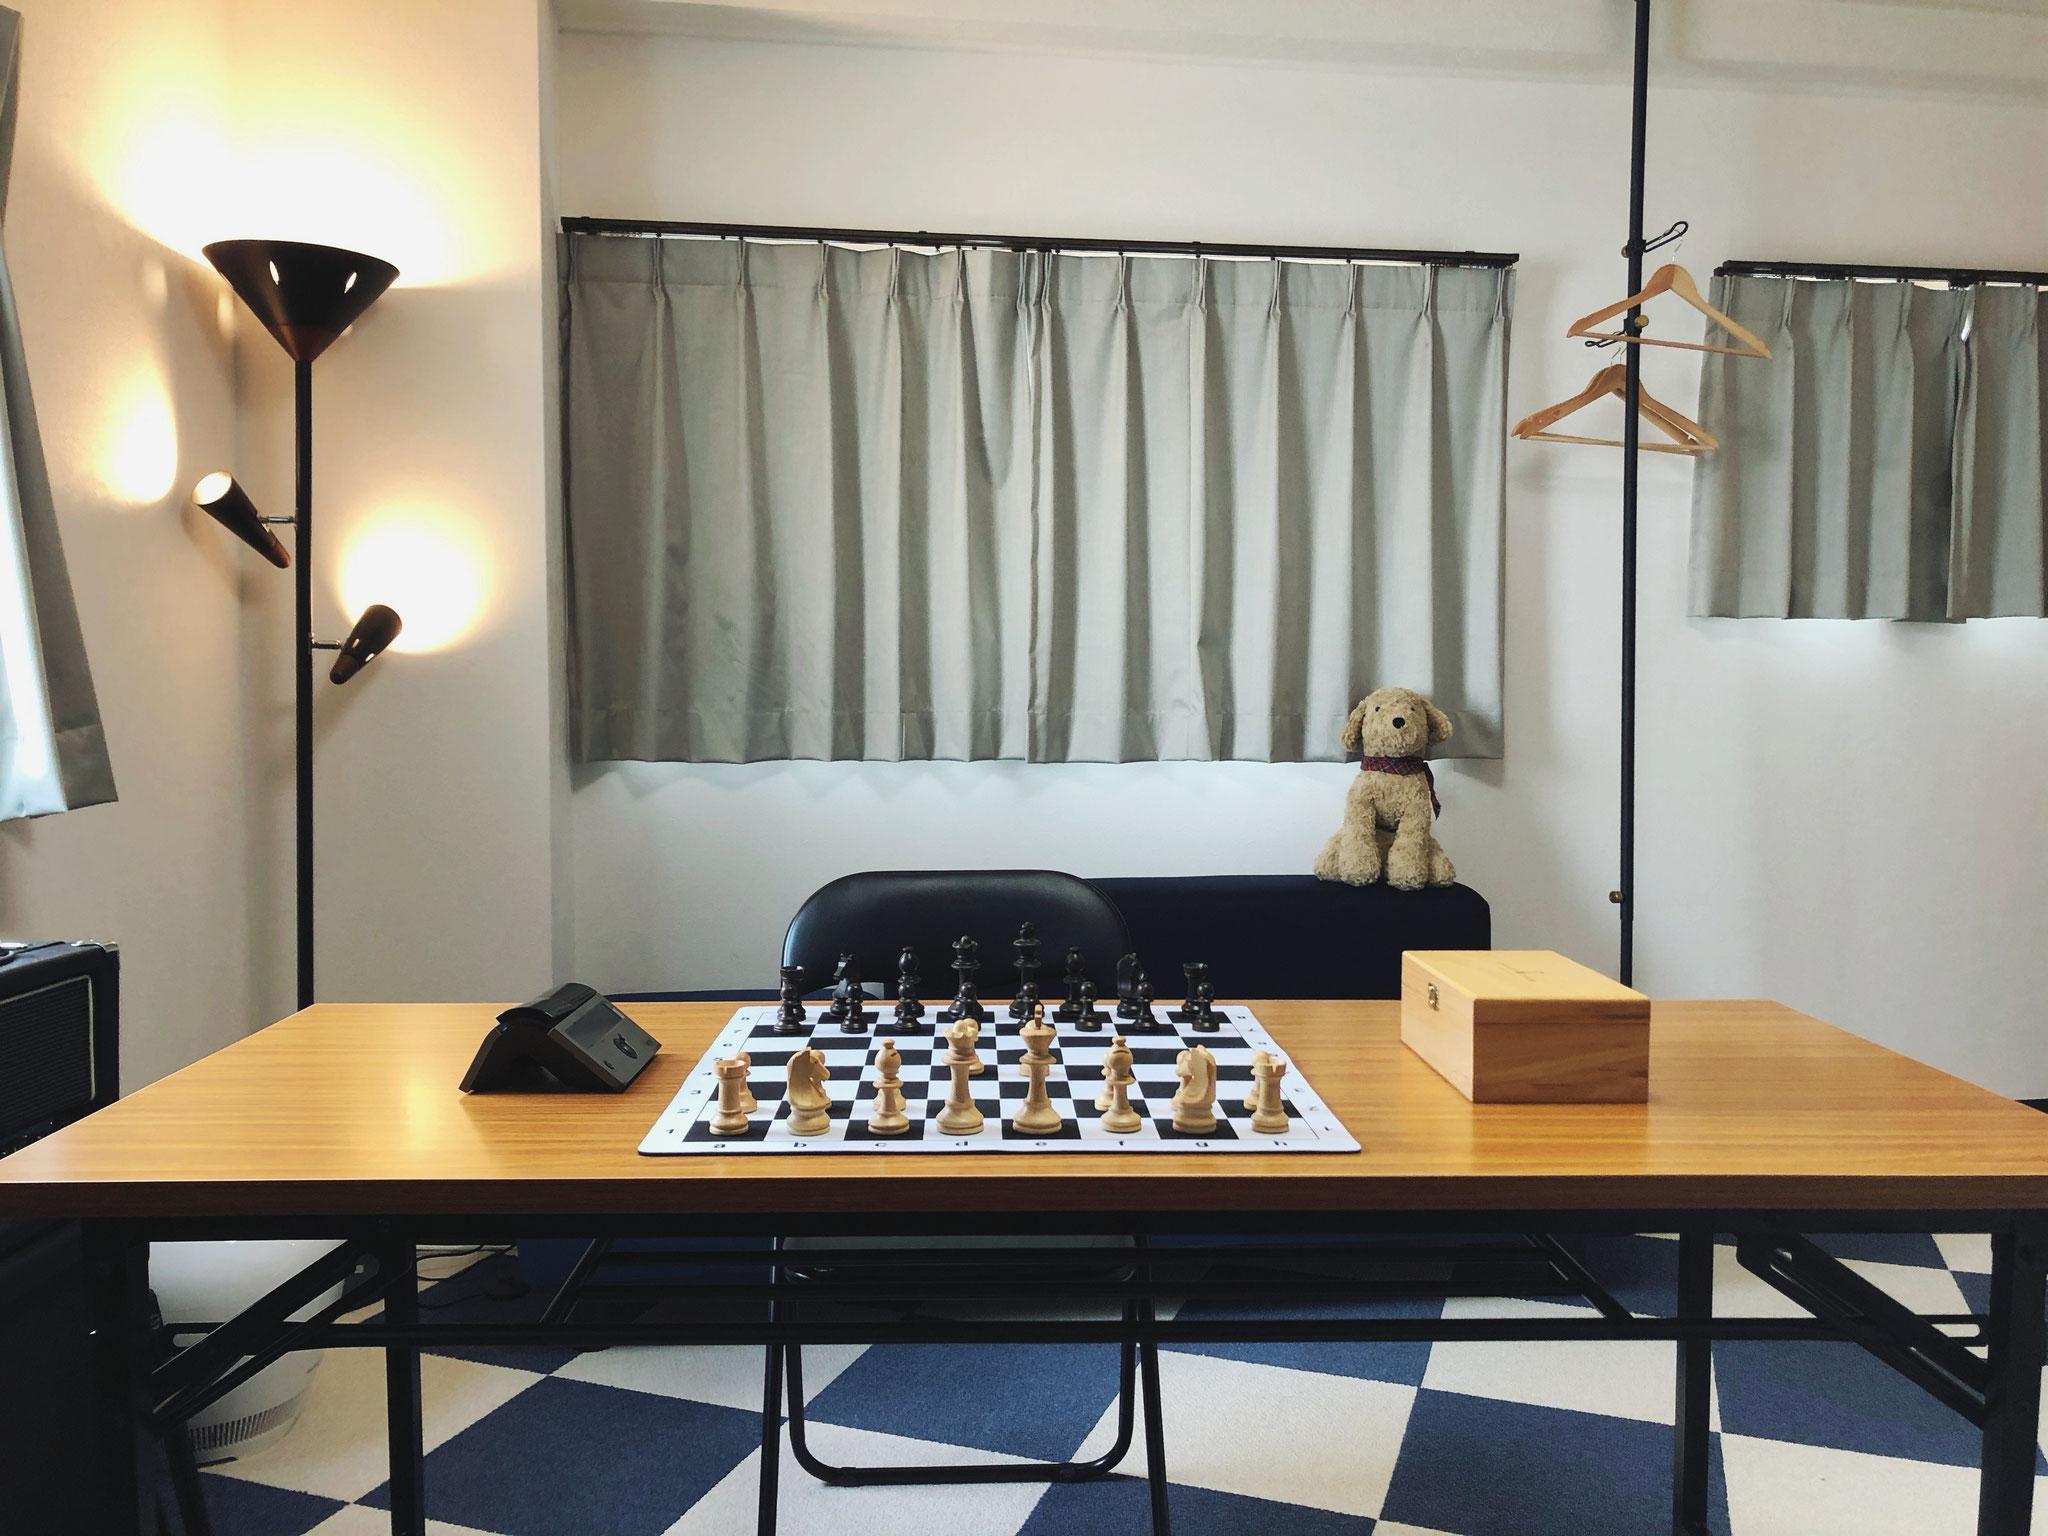 練馬チェススクール 広々とした空間でチェスレッスン